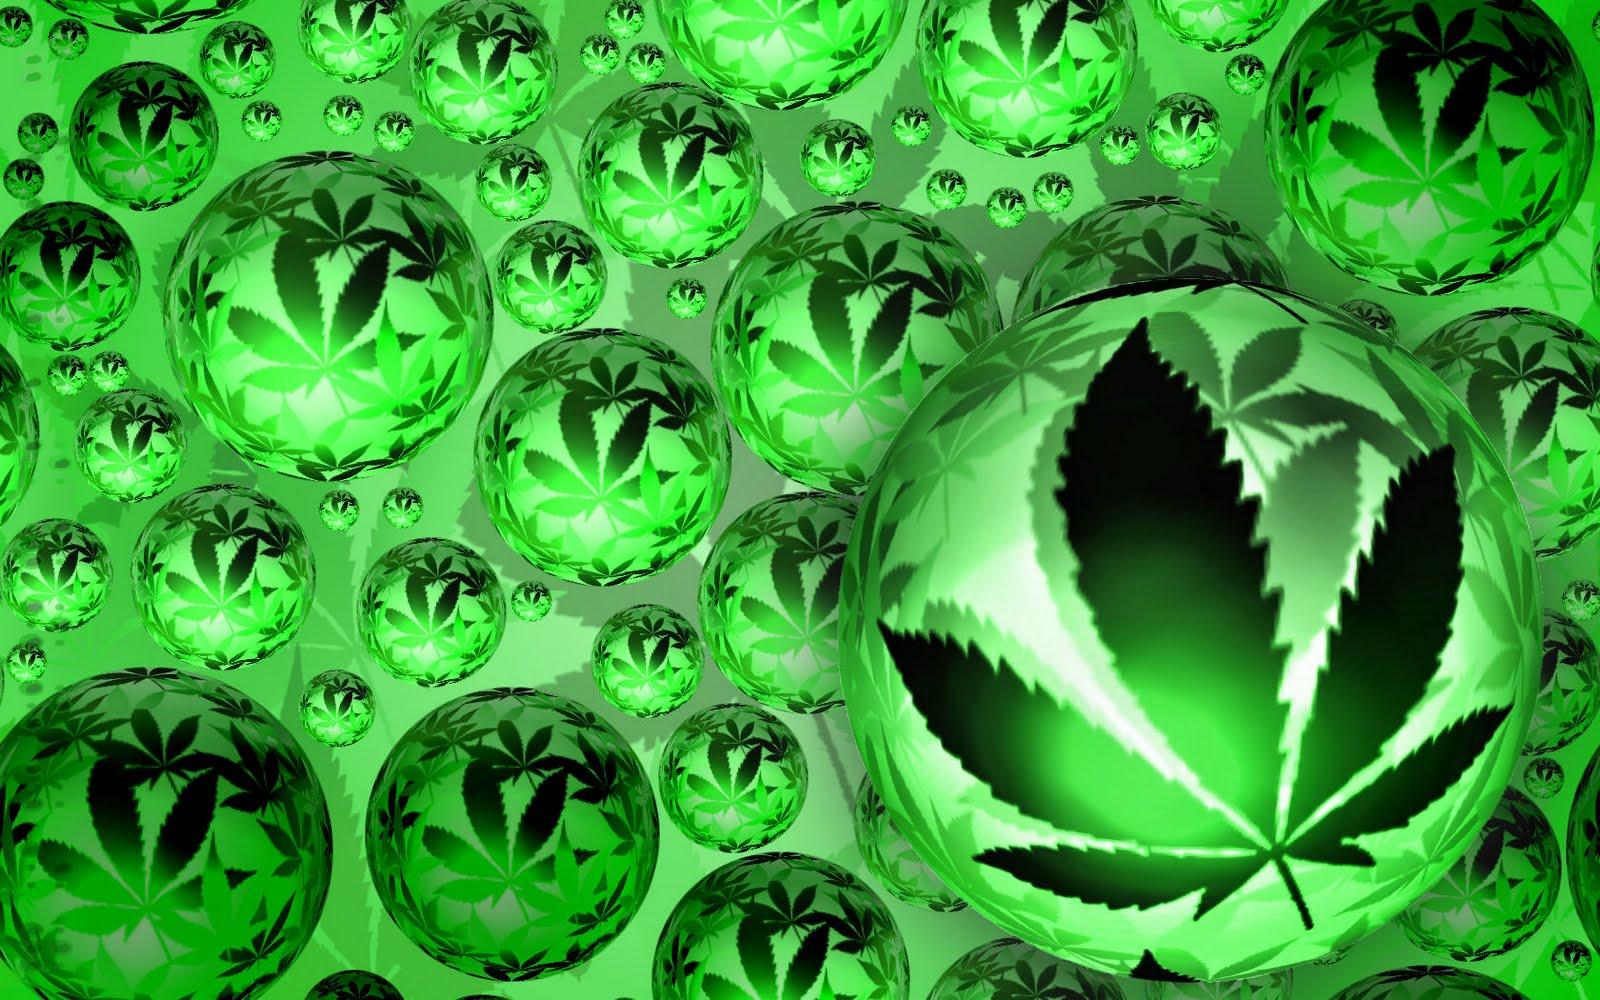 http://3.bp.blogspot.com/_u1tVeoZHxbE/TD98mZiY57I/AAAAAAAAAEQ/IbdyLchPEP8/s1600/Sookie_Cannabis_Orb_Wallpaper_by_sookiesooker.jpg